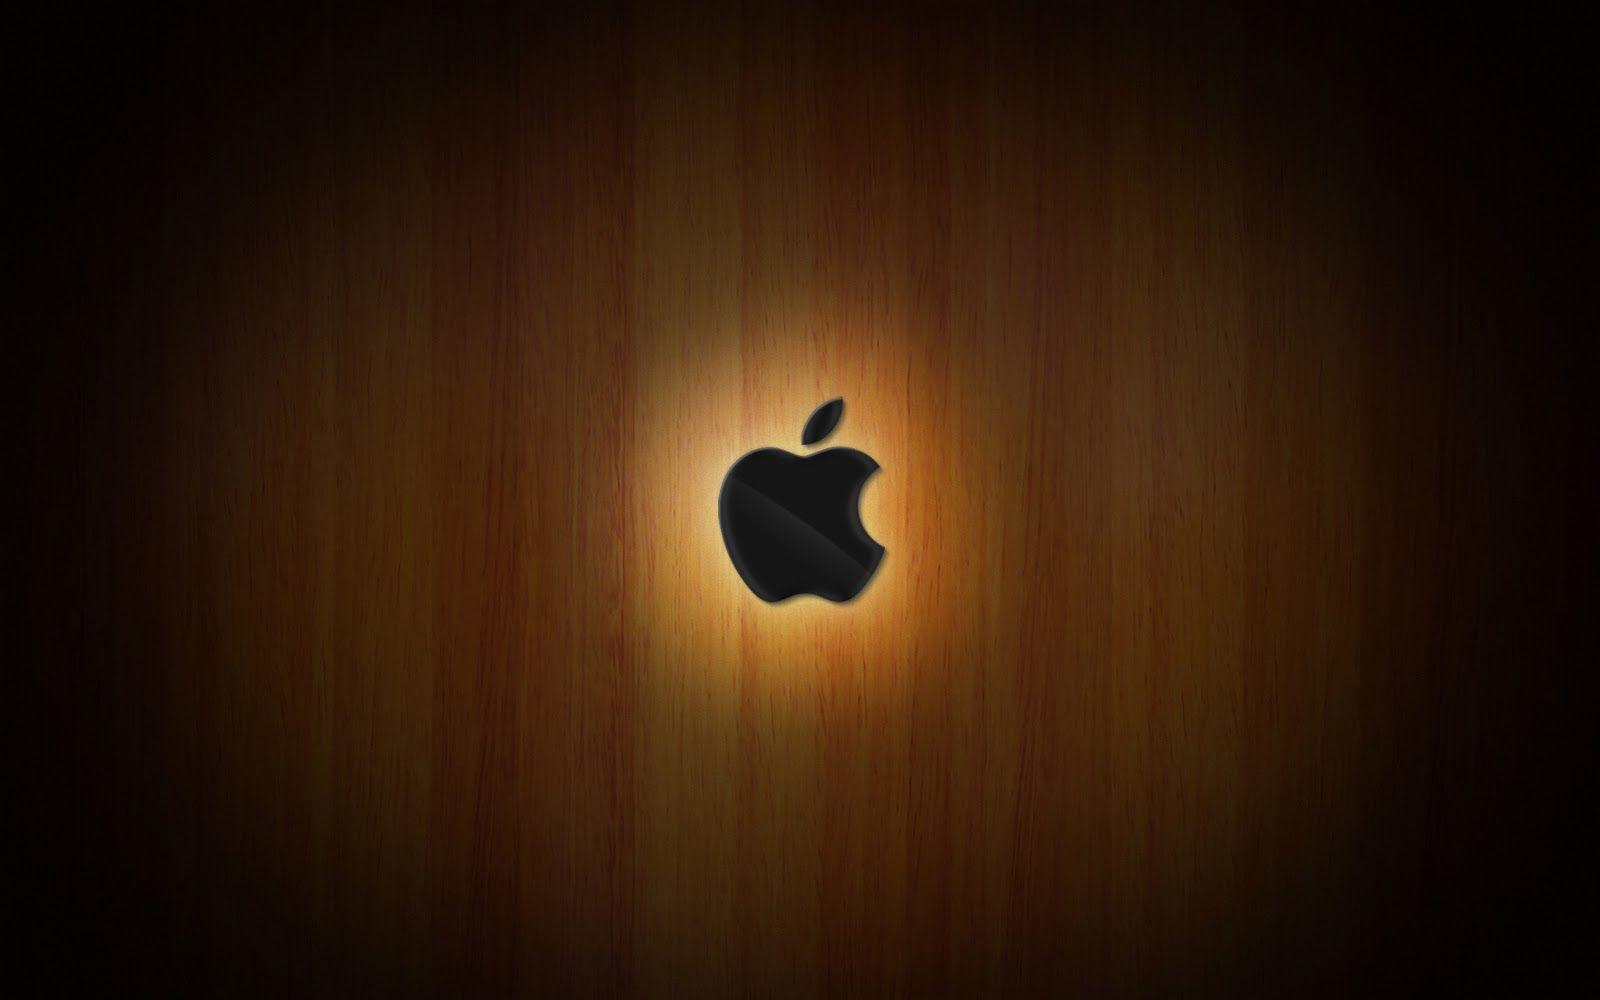 Pin by Jake G on HD Wallpapers desktop Apple wallpaper Hd 1600x1000